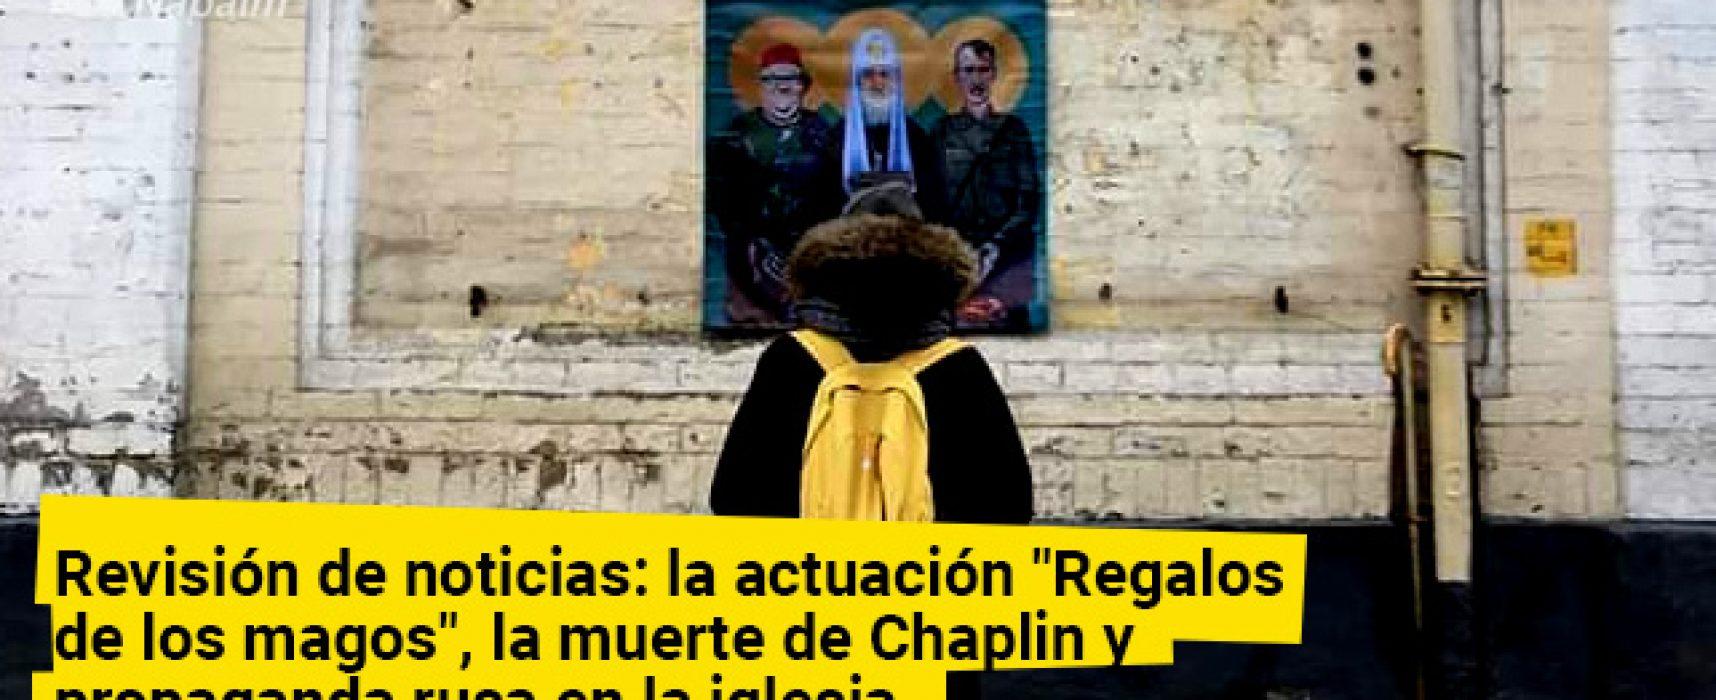 Revisión de noticias: la actuación «Regalos de los magos», la muerte de Chaplin y propaganda rusa en la iglesia